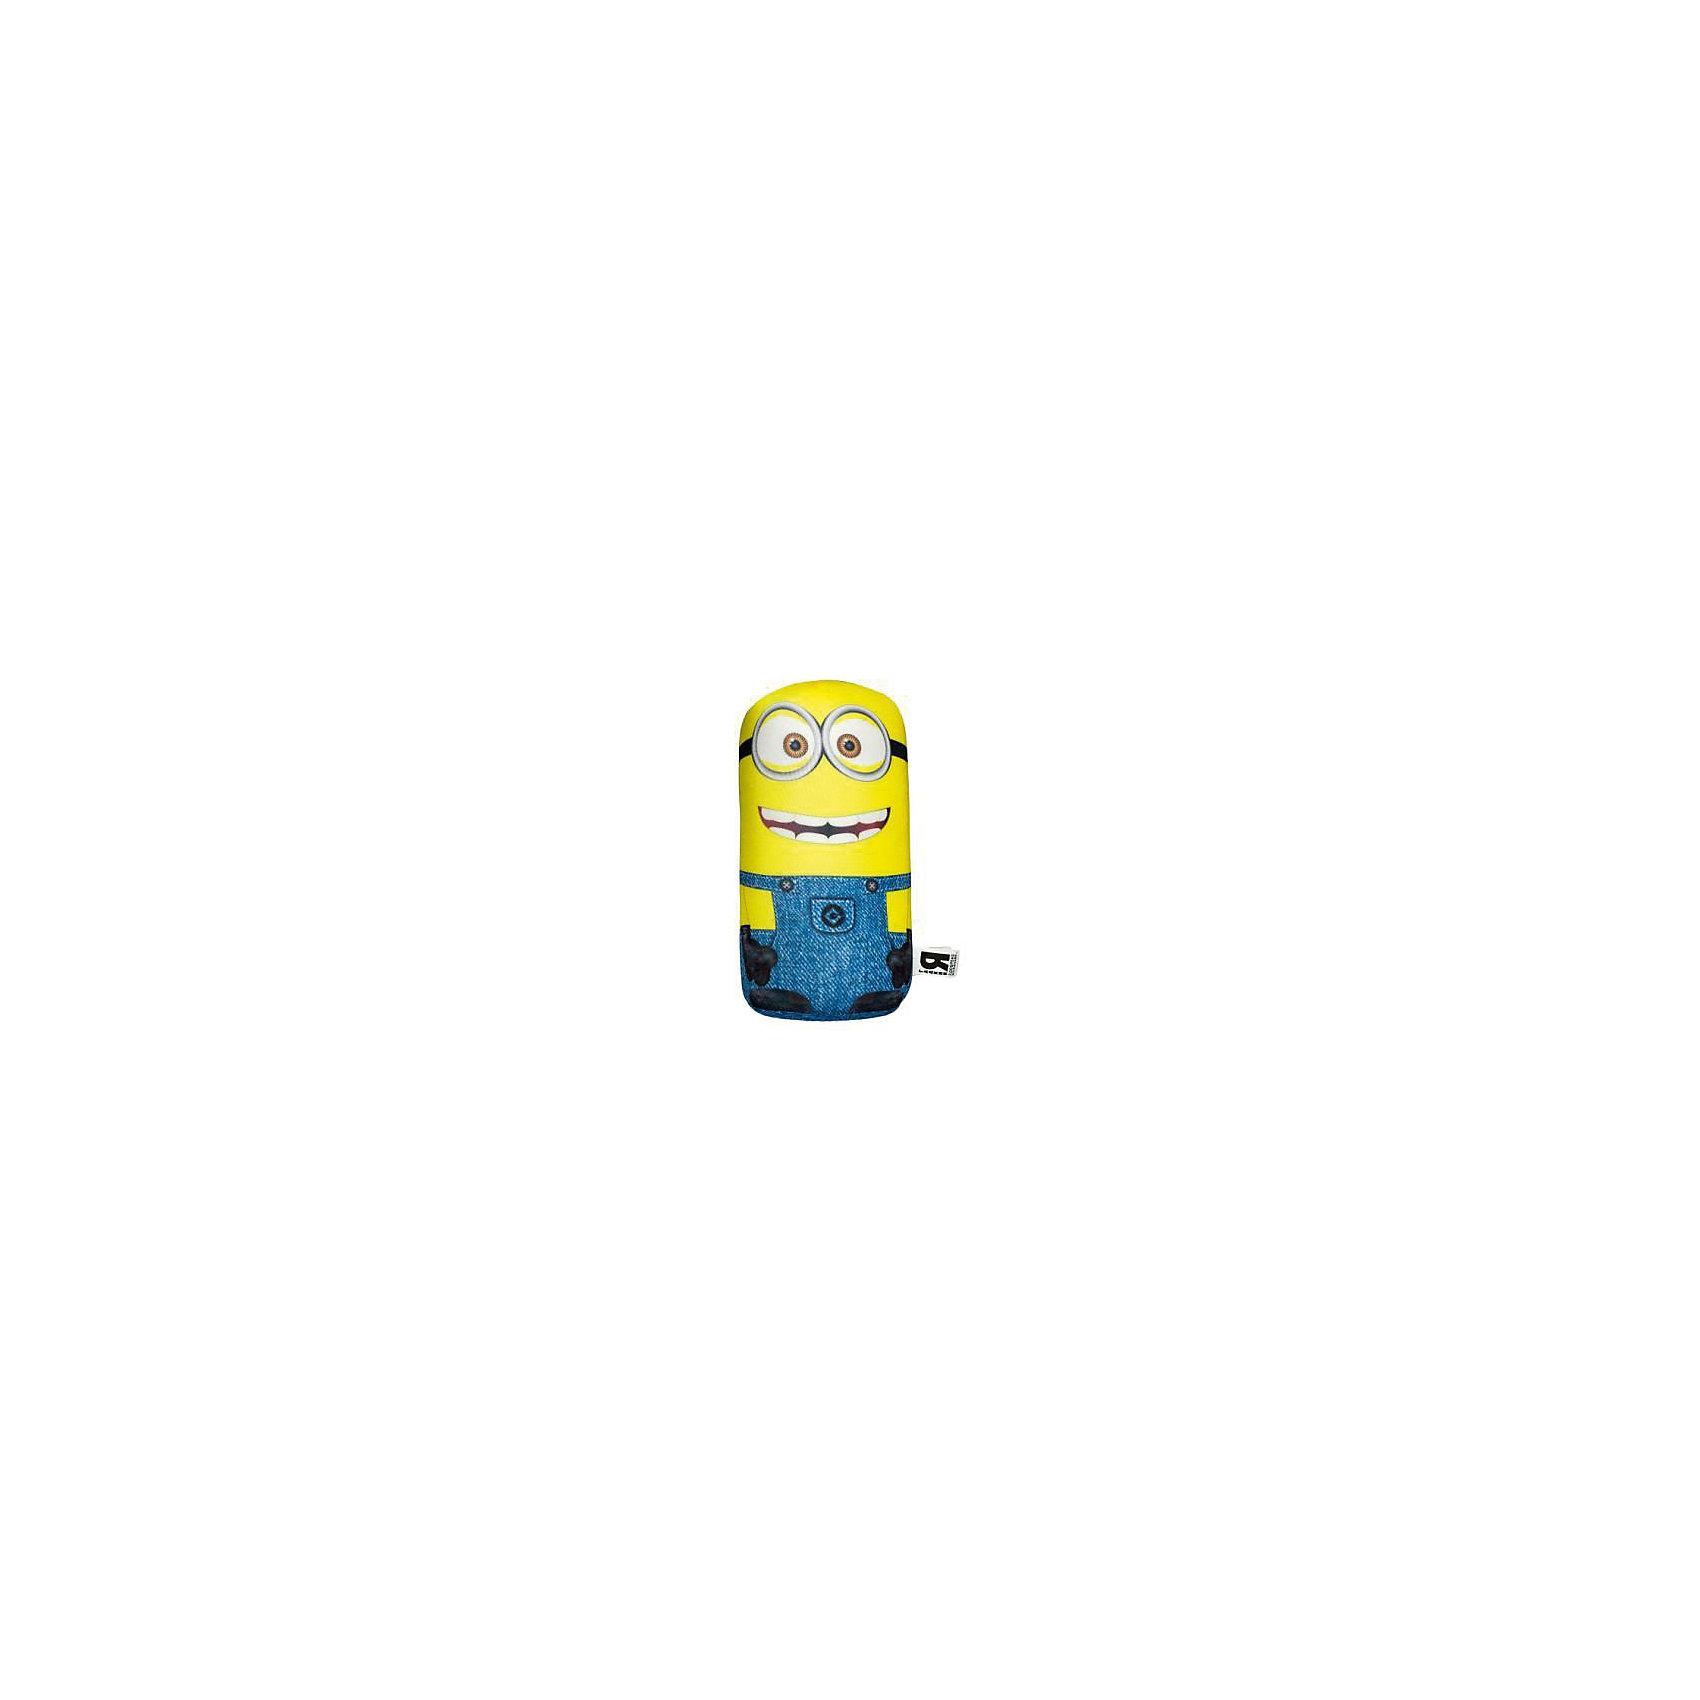 Подушка-антистресс Миньон, (диаметр 16 см, длина 35 см)Антистресс-подушка Миньон, СмолТойс, порадует и поднимет настроение как детям так и взрослым. Яркая подушка выполнена в виде забавного существа миньона из популярного мультфильма Гадкий Я (Despicable Me).Основное достоинство подушки - это осязательный массаж с эффектом релаксации. Гладкая поверхность подушки выполнена из эластичного прочного трикотажа, а внутри находятся мельчайшие гранулы полистирола, благодаря которым она всегда будет легкой, упругой и приятной на ощупь. Подушку можно мять и сжимать, но она неизменно<br>возвращает себе первоначальную форму. Можно стирать в стиральной машинке в специальном мешке для одежды. <br><br>Дополнительная информация:<br><br>- Материал: внешний материал - полиэстер, наполнитель - полистирол.<br>- Высота: 35 см.<br>- Размер: высота 35 см, диамтер 16 см.<br>- Вес: 0,175 кг.<br> <br>Антистресс-подушку Миньон, Small Toys, можно купить в нашем интернет-магазине.<br><br>Ширина мм: 160<br>Глубина мм: 160<br>Высота мм: 350<br>Вес г: 175<br>Возраст от месяцев: 36<br>Возраст до месяцев: 144<br>Пол: Унисекс<br>Возраст: Детский<br>SKU: 4096883